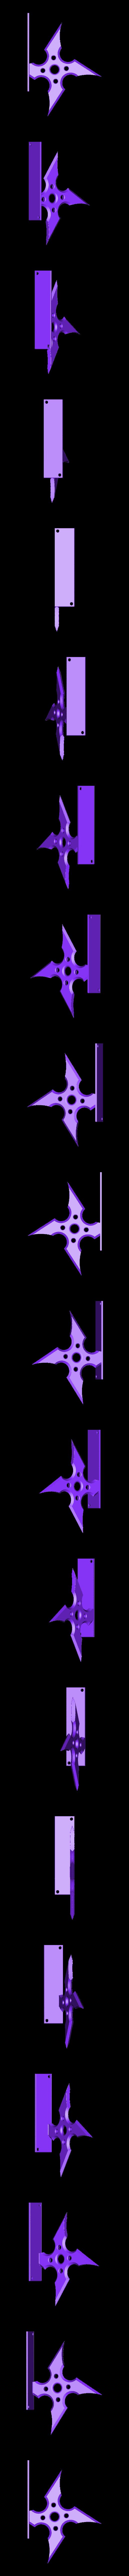 Shuriken Coat Hanger.stl Download free STL file Headphone Holder • 3D printer design, Volts24